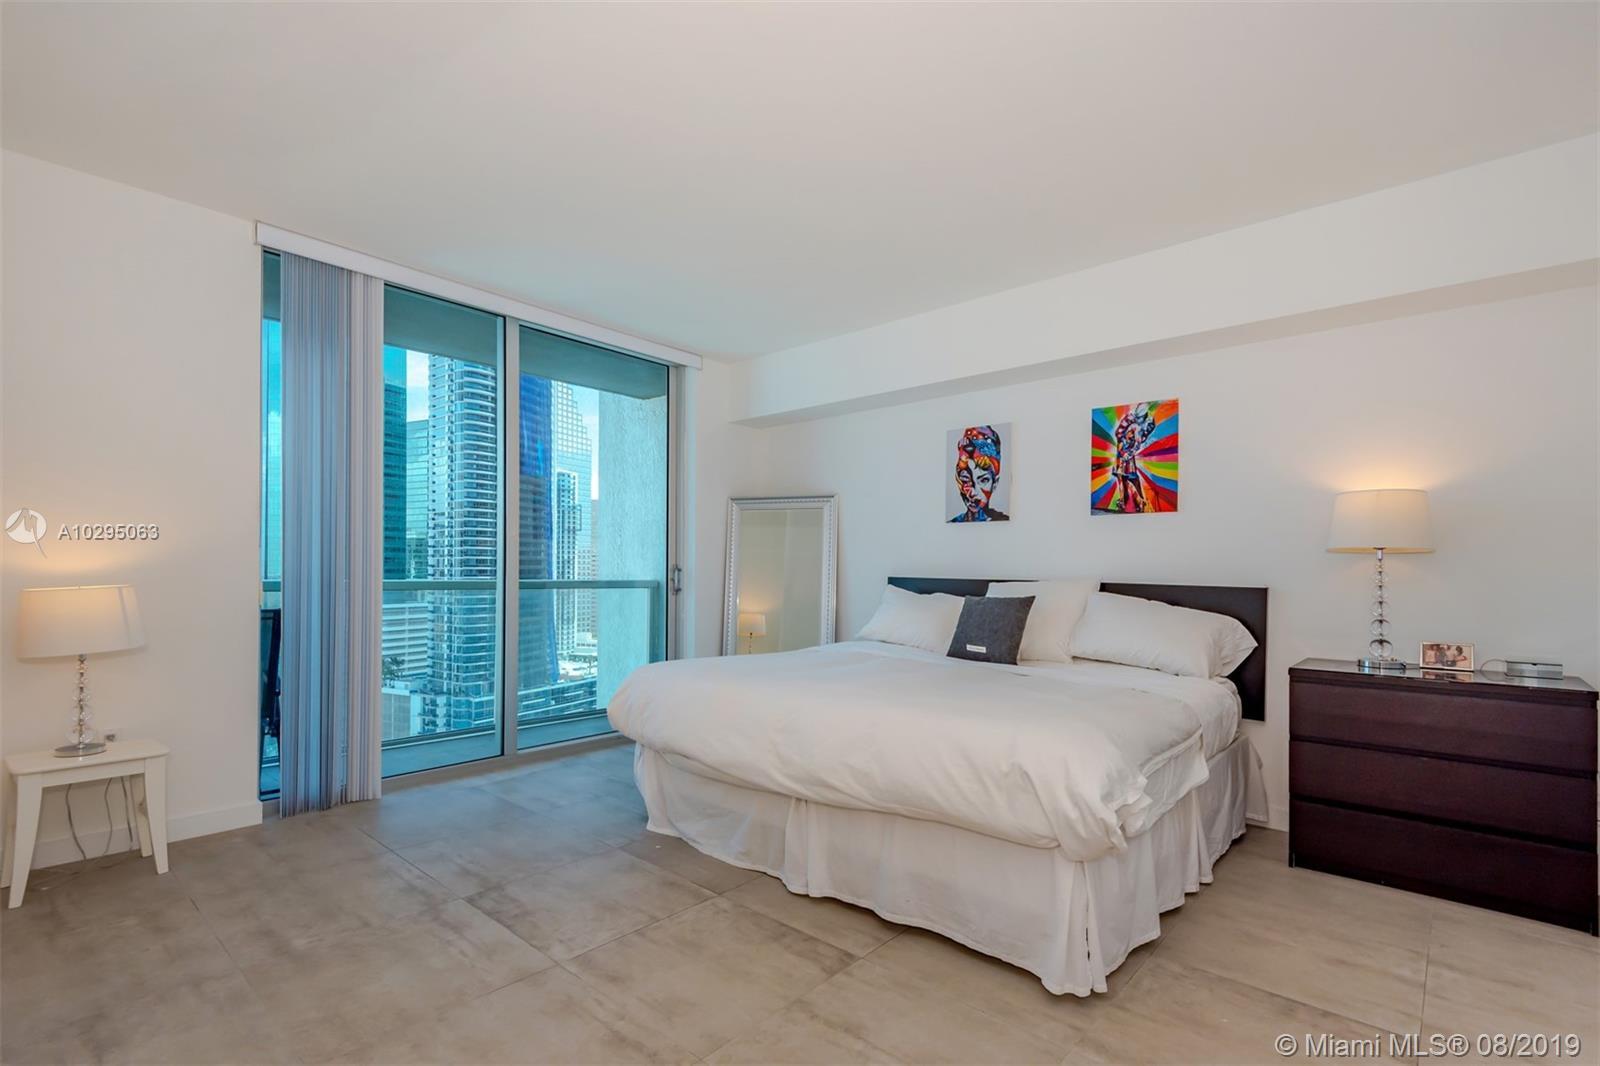 500 Brickell Avenue and 55 SE 6 Street, Miami, FL 33131, 500 Brickell #3003, Brickell, Miami A10295063 image #15